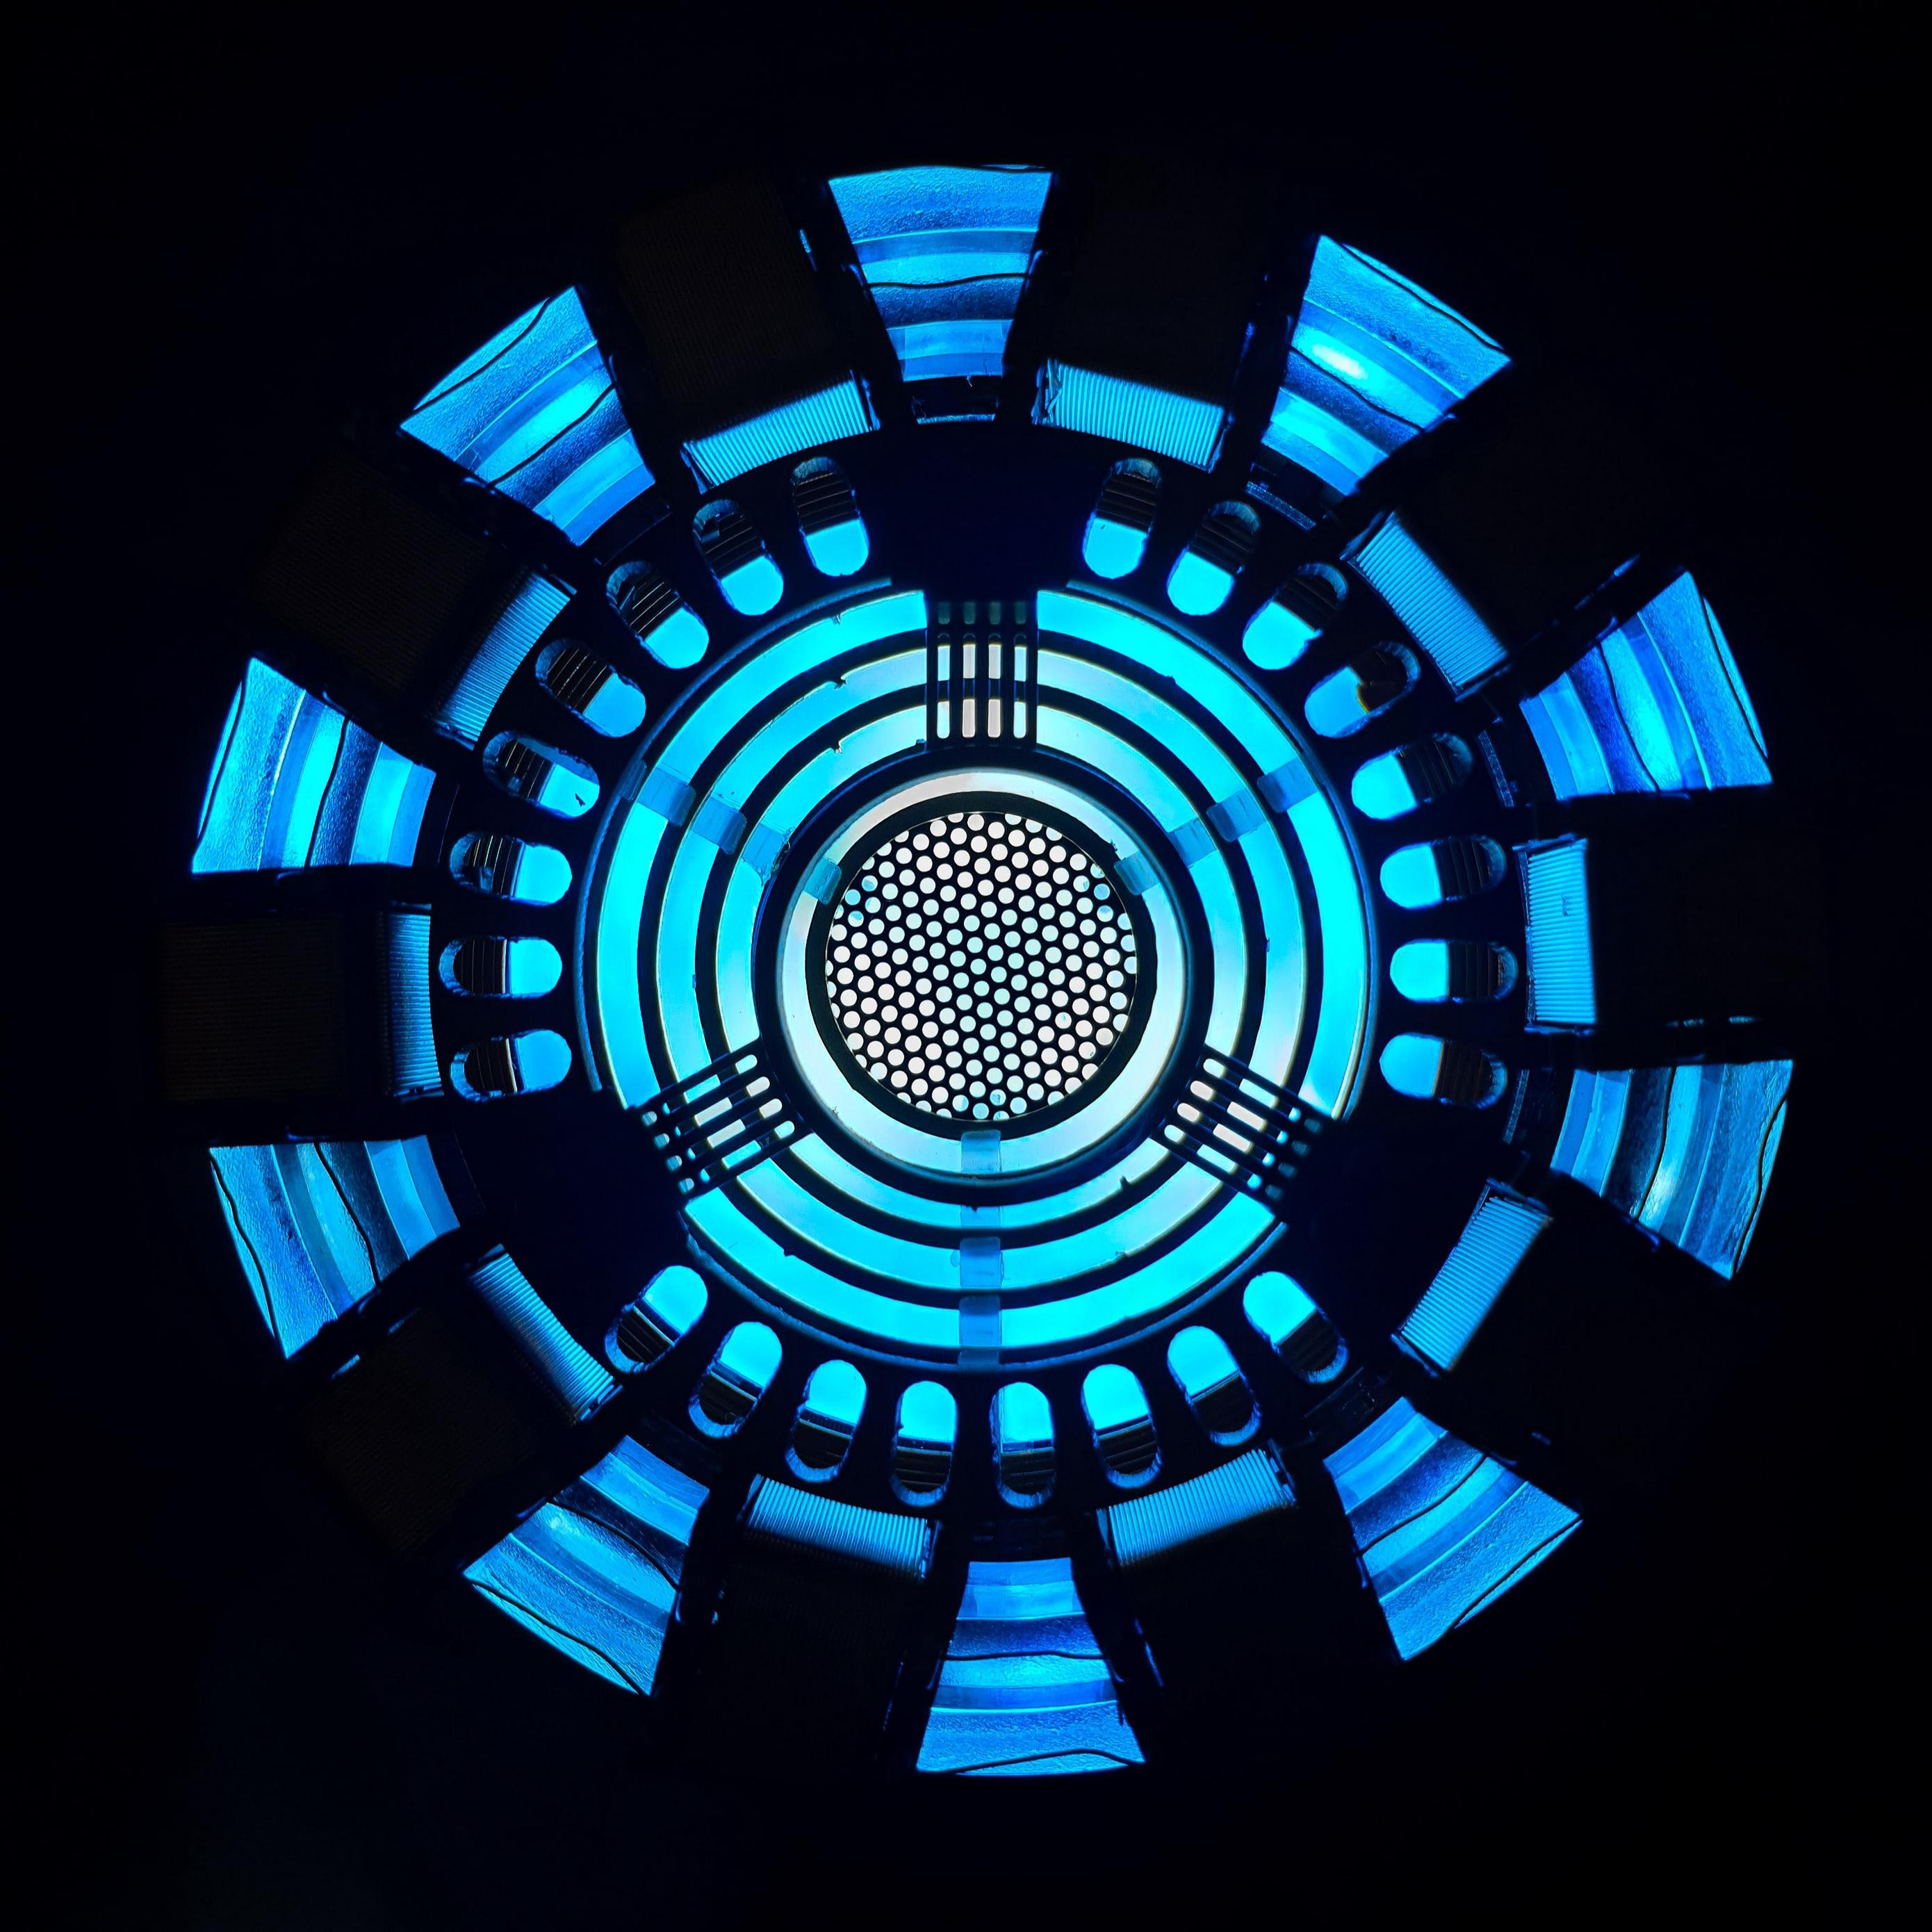 Download wallpaper 2780x2780 lamp glow blue dark ipad air ipad 2780x2780